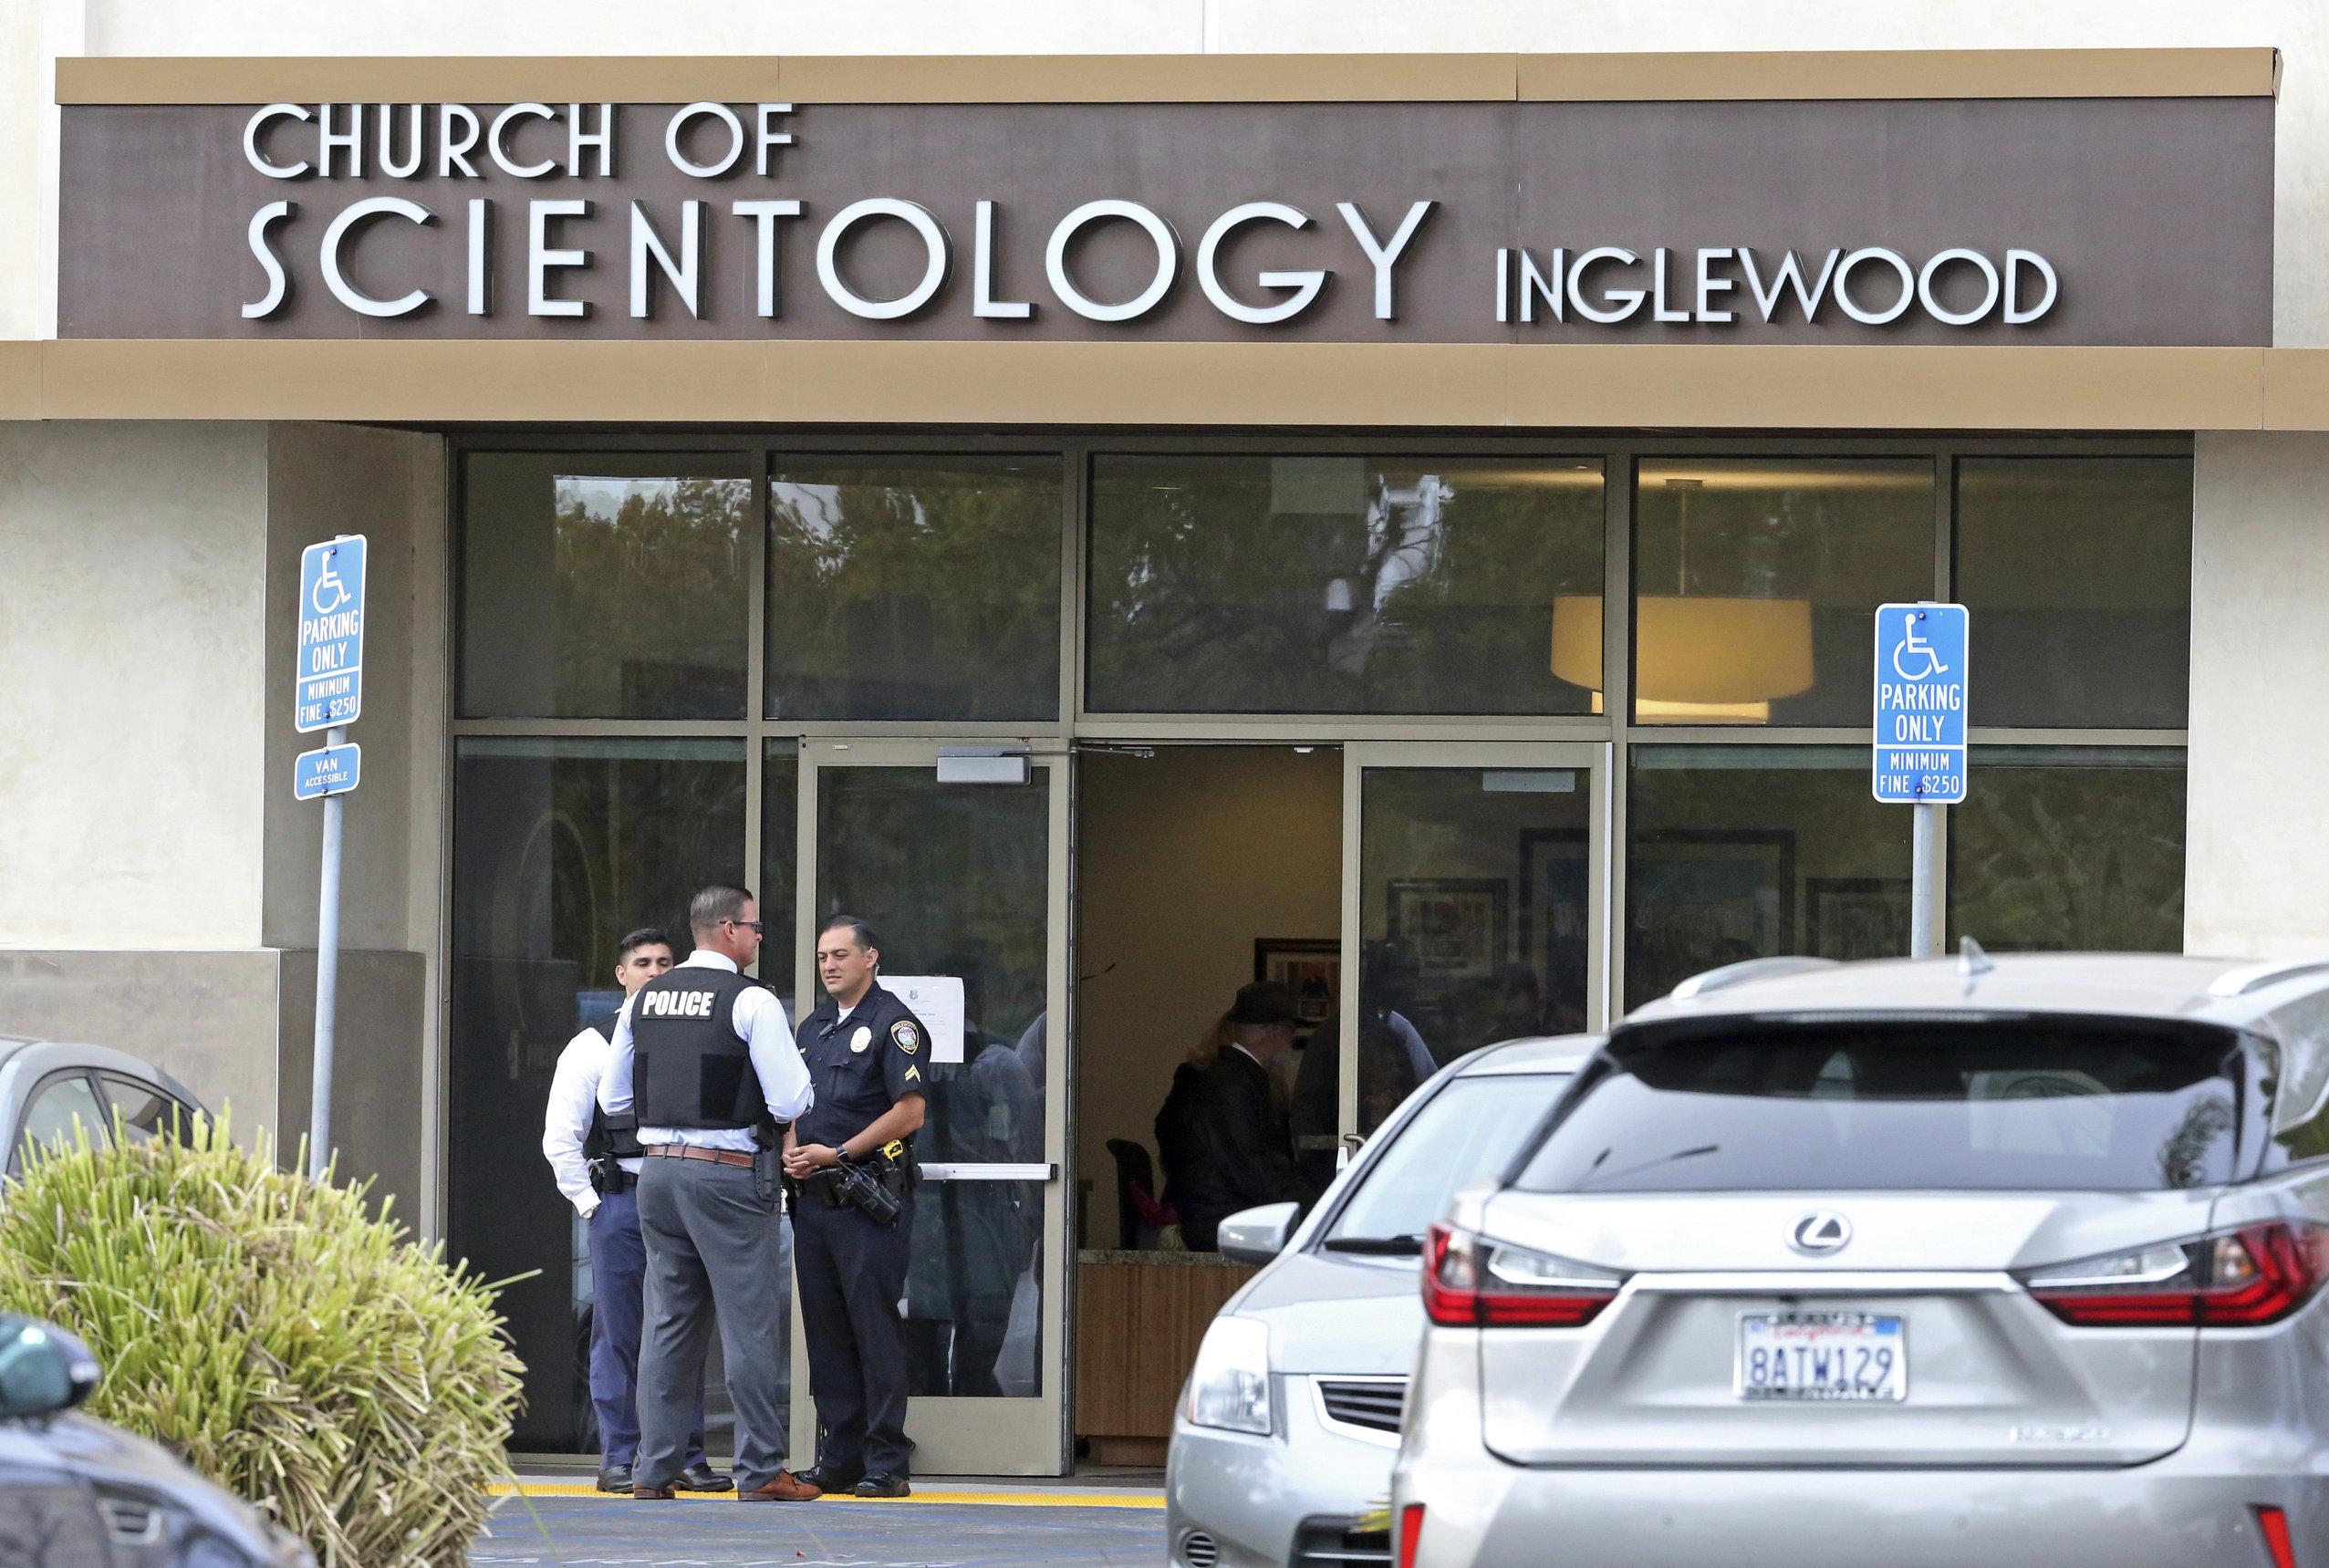 Καλιφόρνια: Επίθεση με σπαθί σε εκκλησία Σαηντελογίας - Νεκρός ο